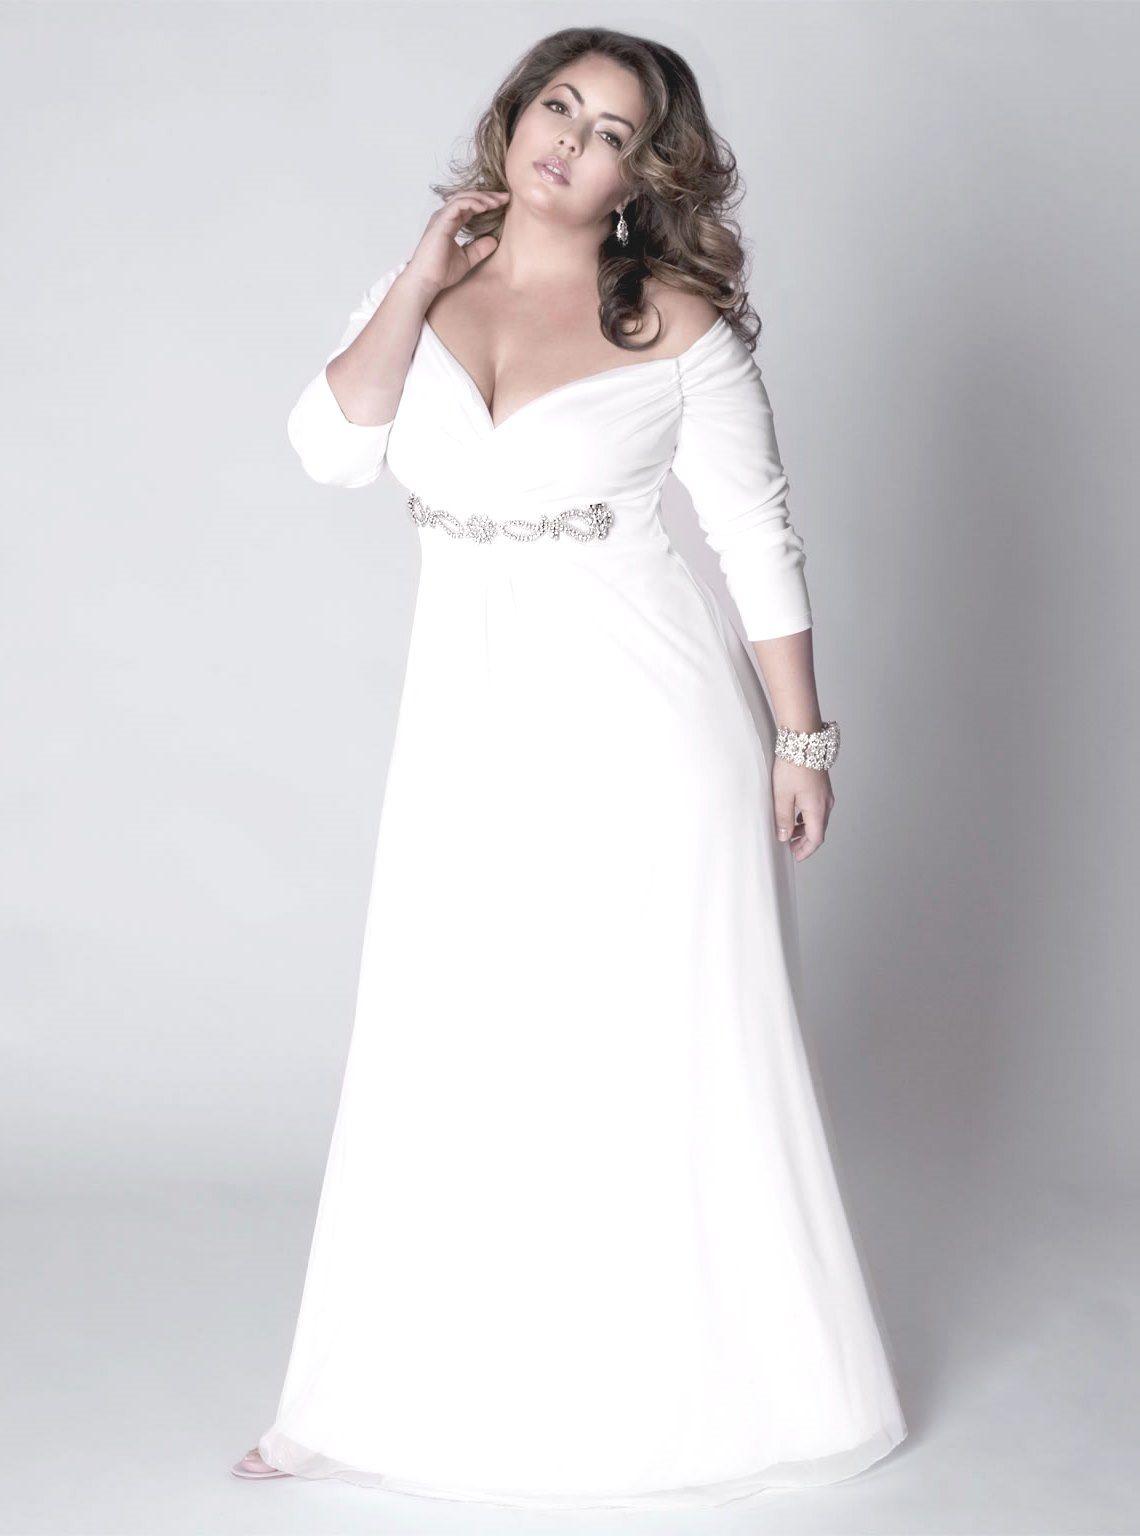 Bohemian Plus Size Brautkleid Mit Langen Spitzenarmeln Und Tiefem Vanadium Plus Wedding Dresses Bohemian Style Wedding Dresses Plus Size Wedding Gowns [ 1316 x 736 Pixel ]